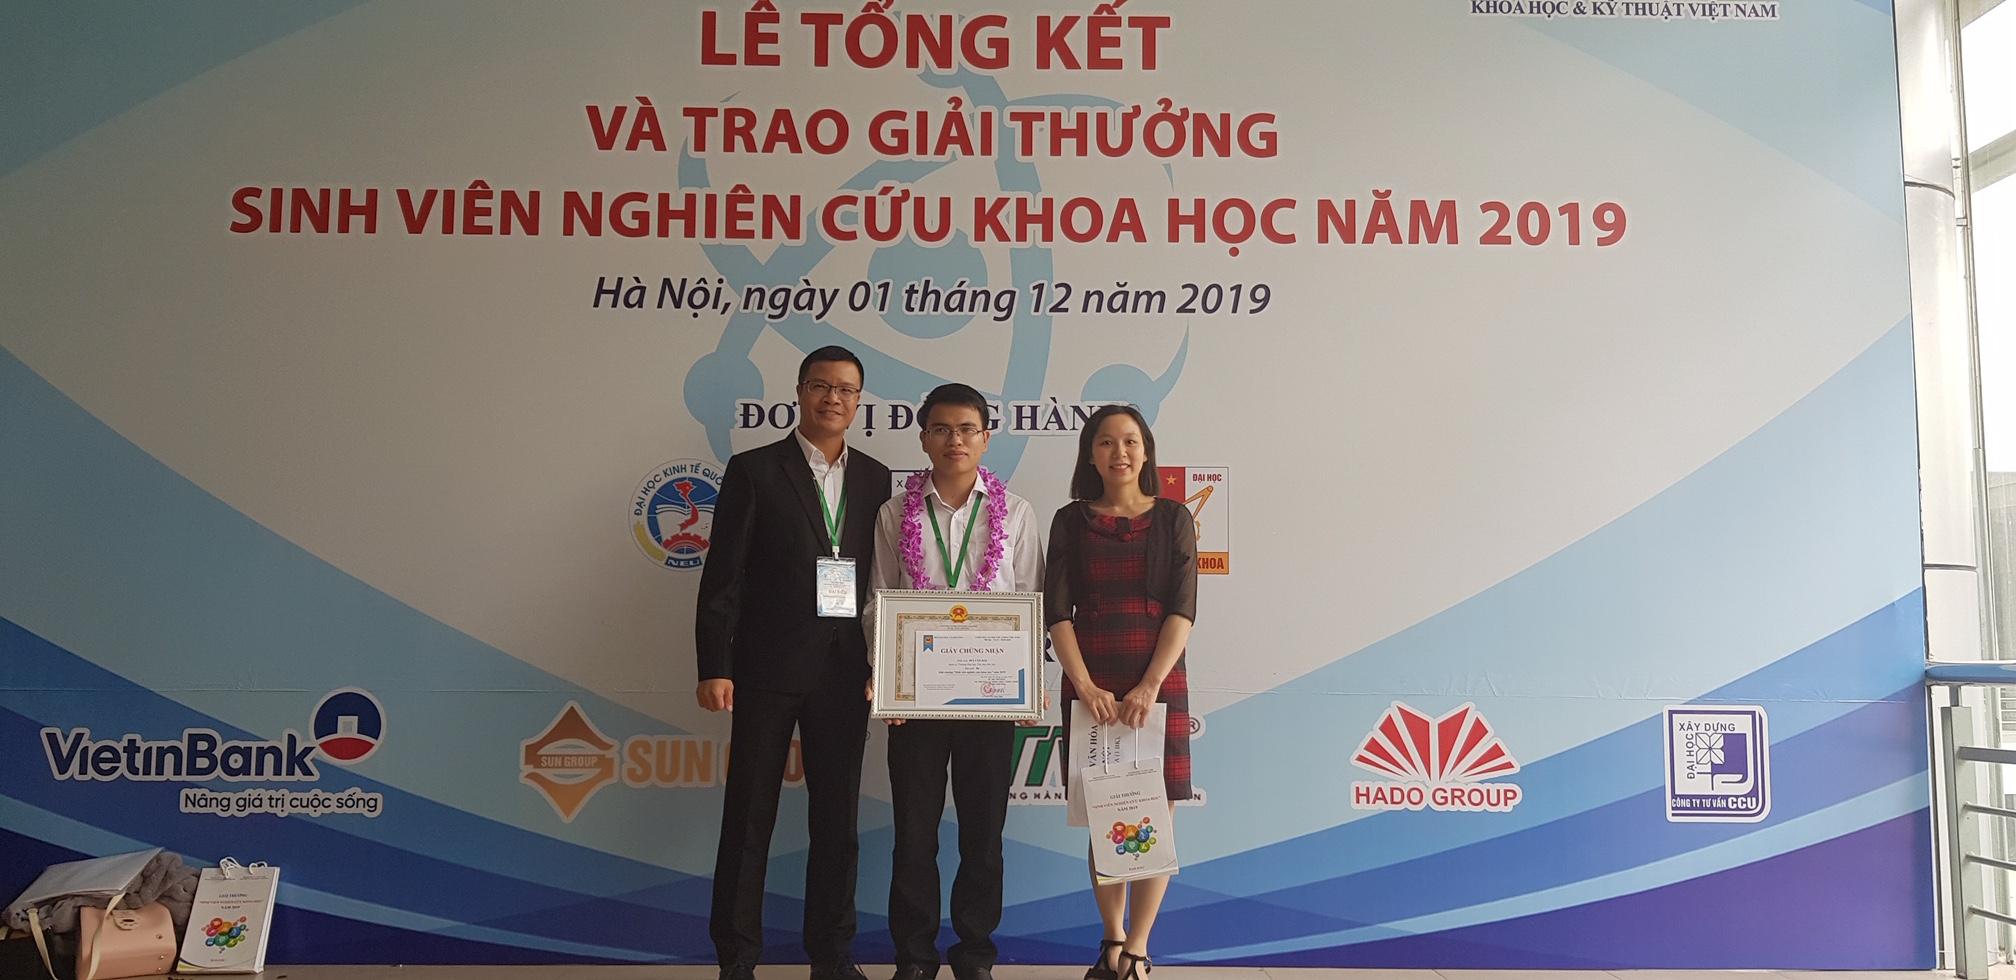 Sinh viên Bùi Văn Hài nhận giải thưởng Sinh viên Nghiên cứu khoa học các cấp năm 2019